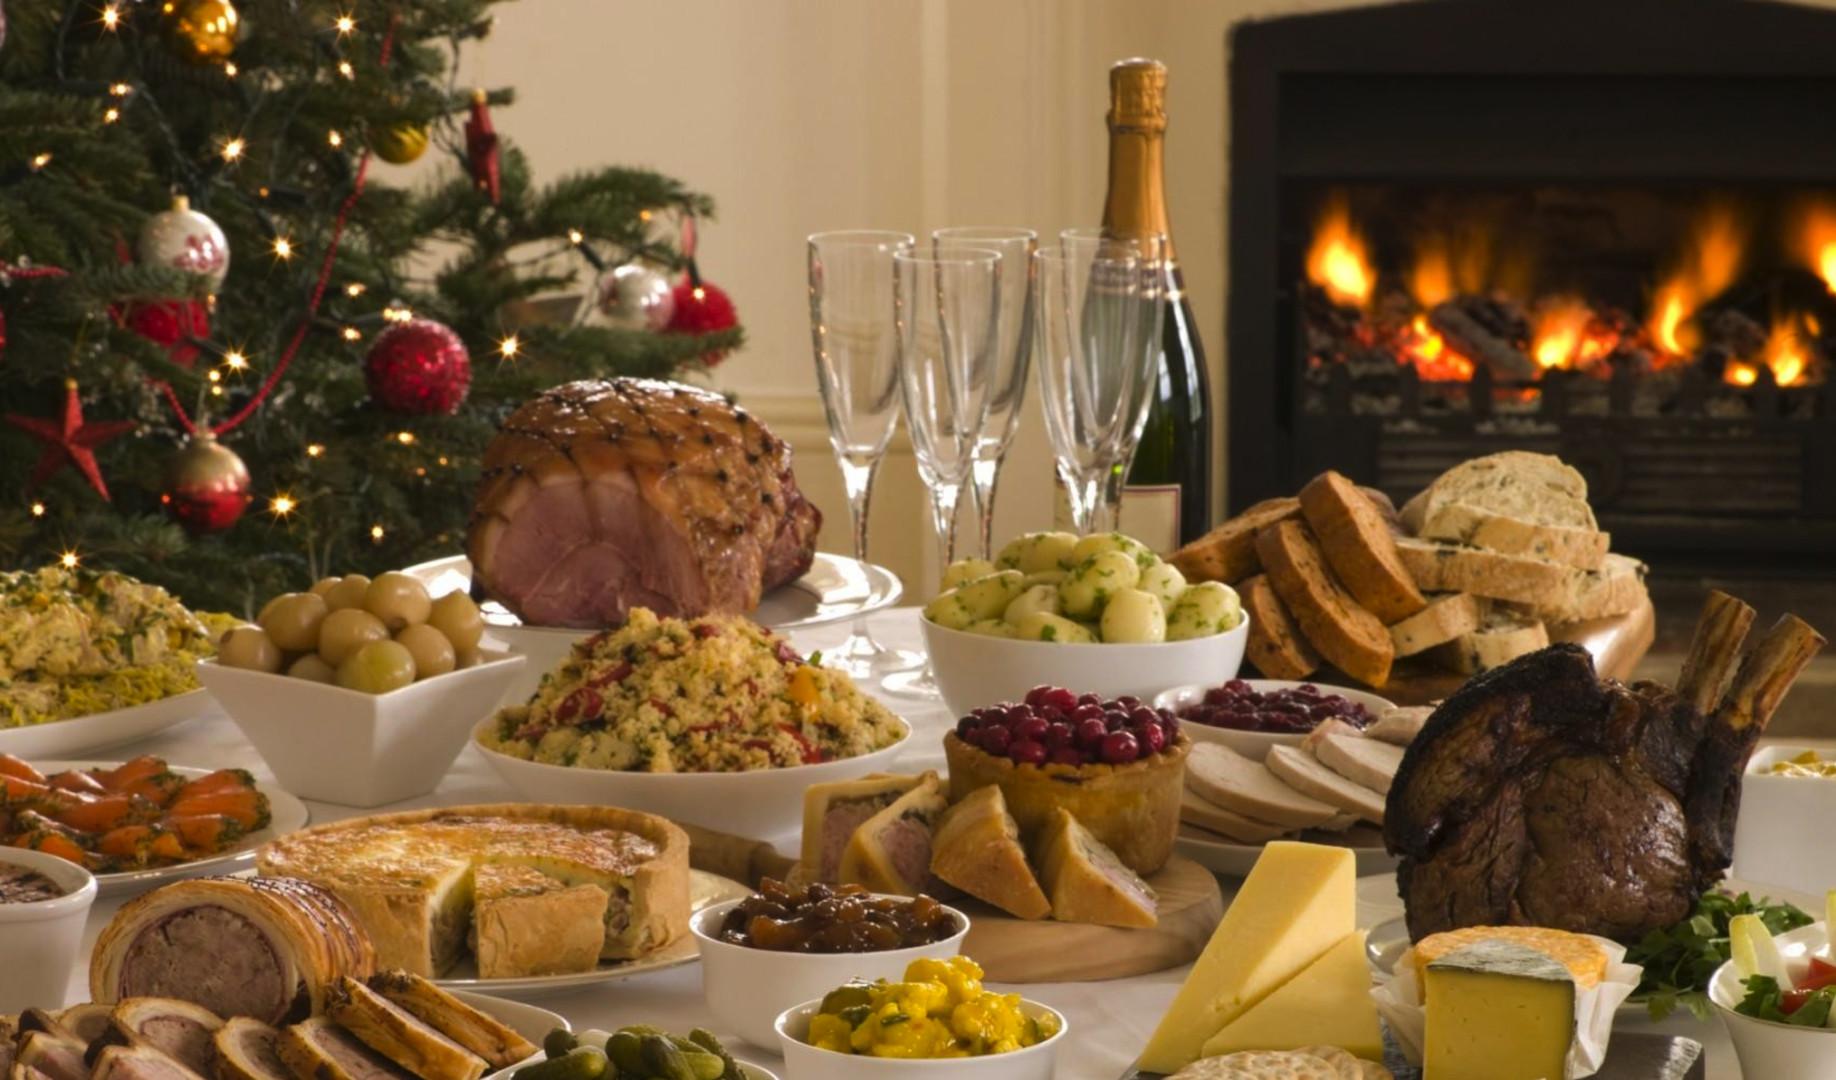 Il pranzo di natale da veri gourmand lo si cucina online - Tavole da pranzo ...